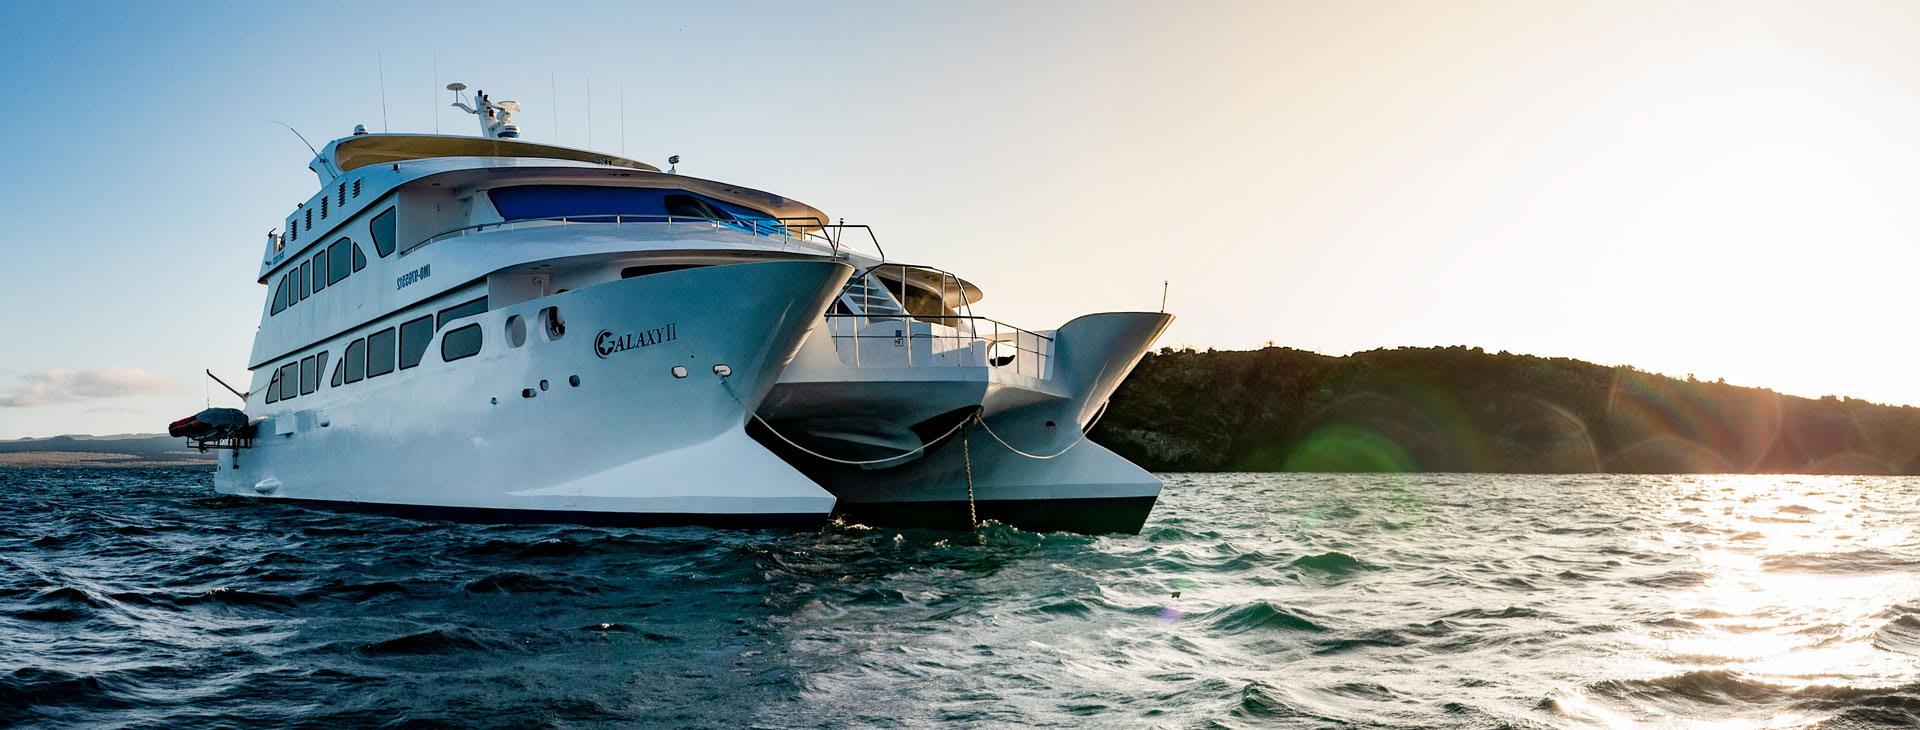 Eco Galaxy ship at sea